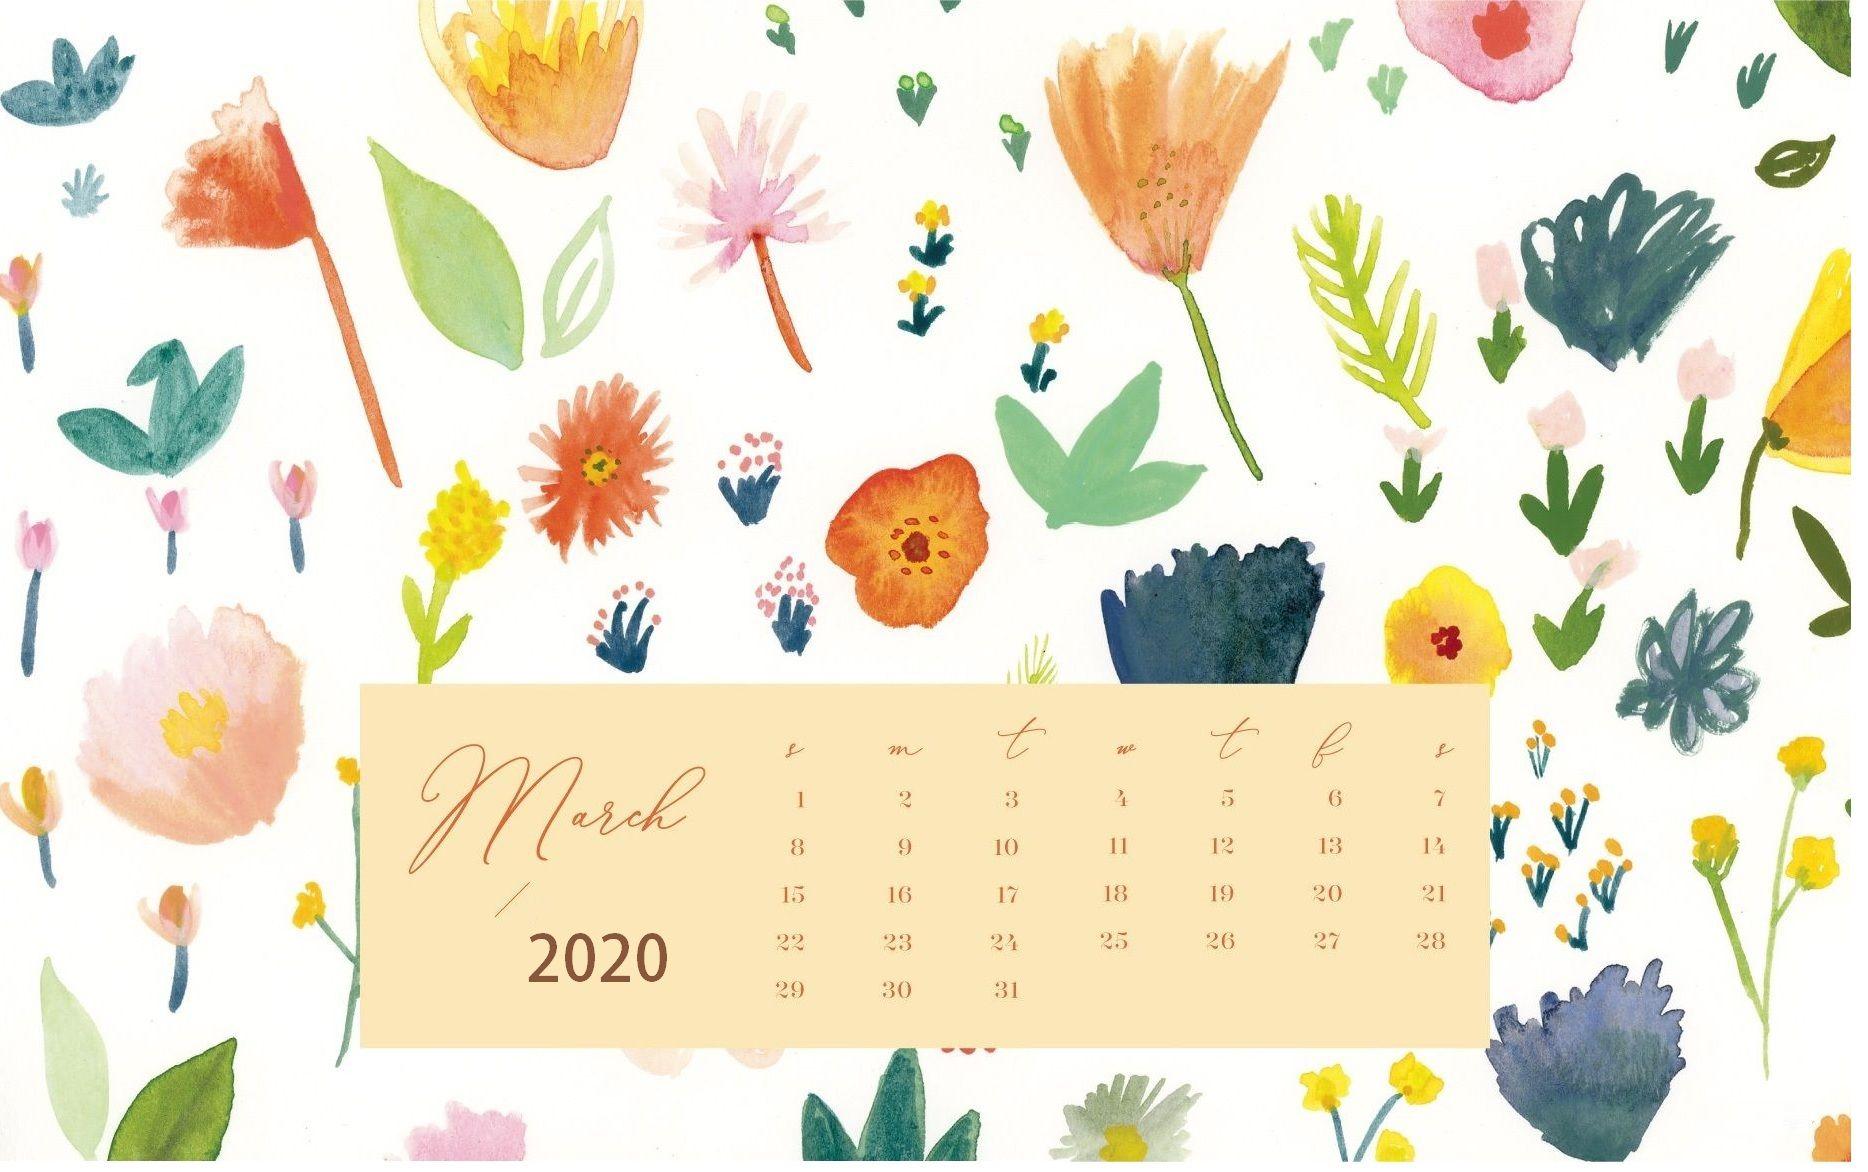 March 2020 Calendar Wallpapers   Top March 2020 Calendar 1868x1172